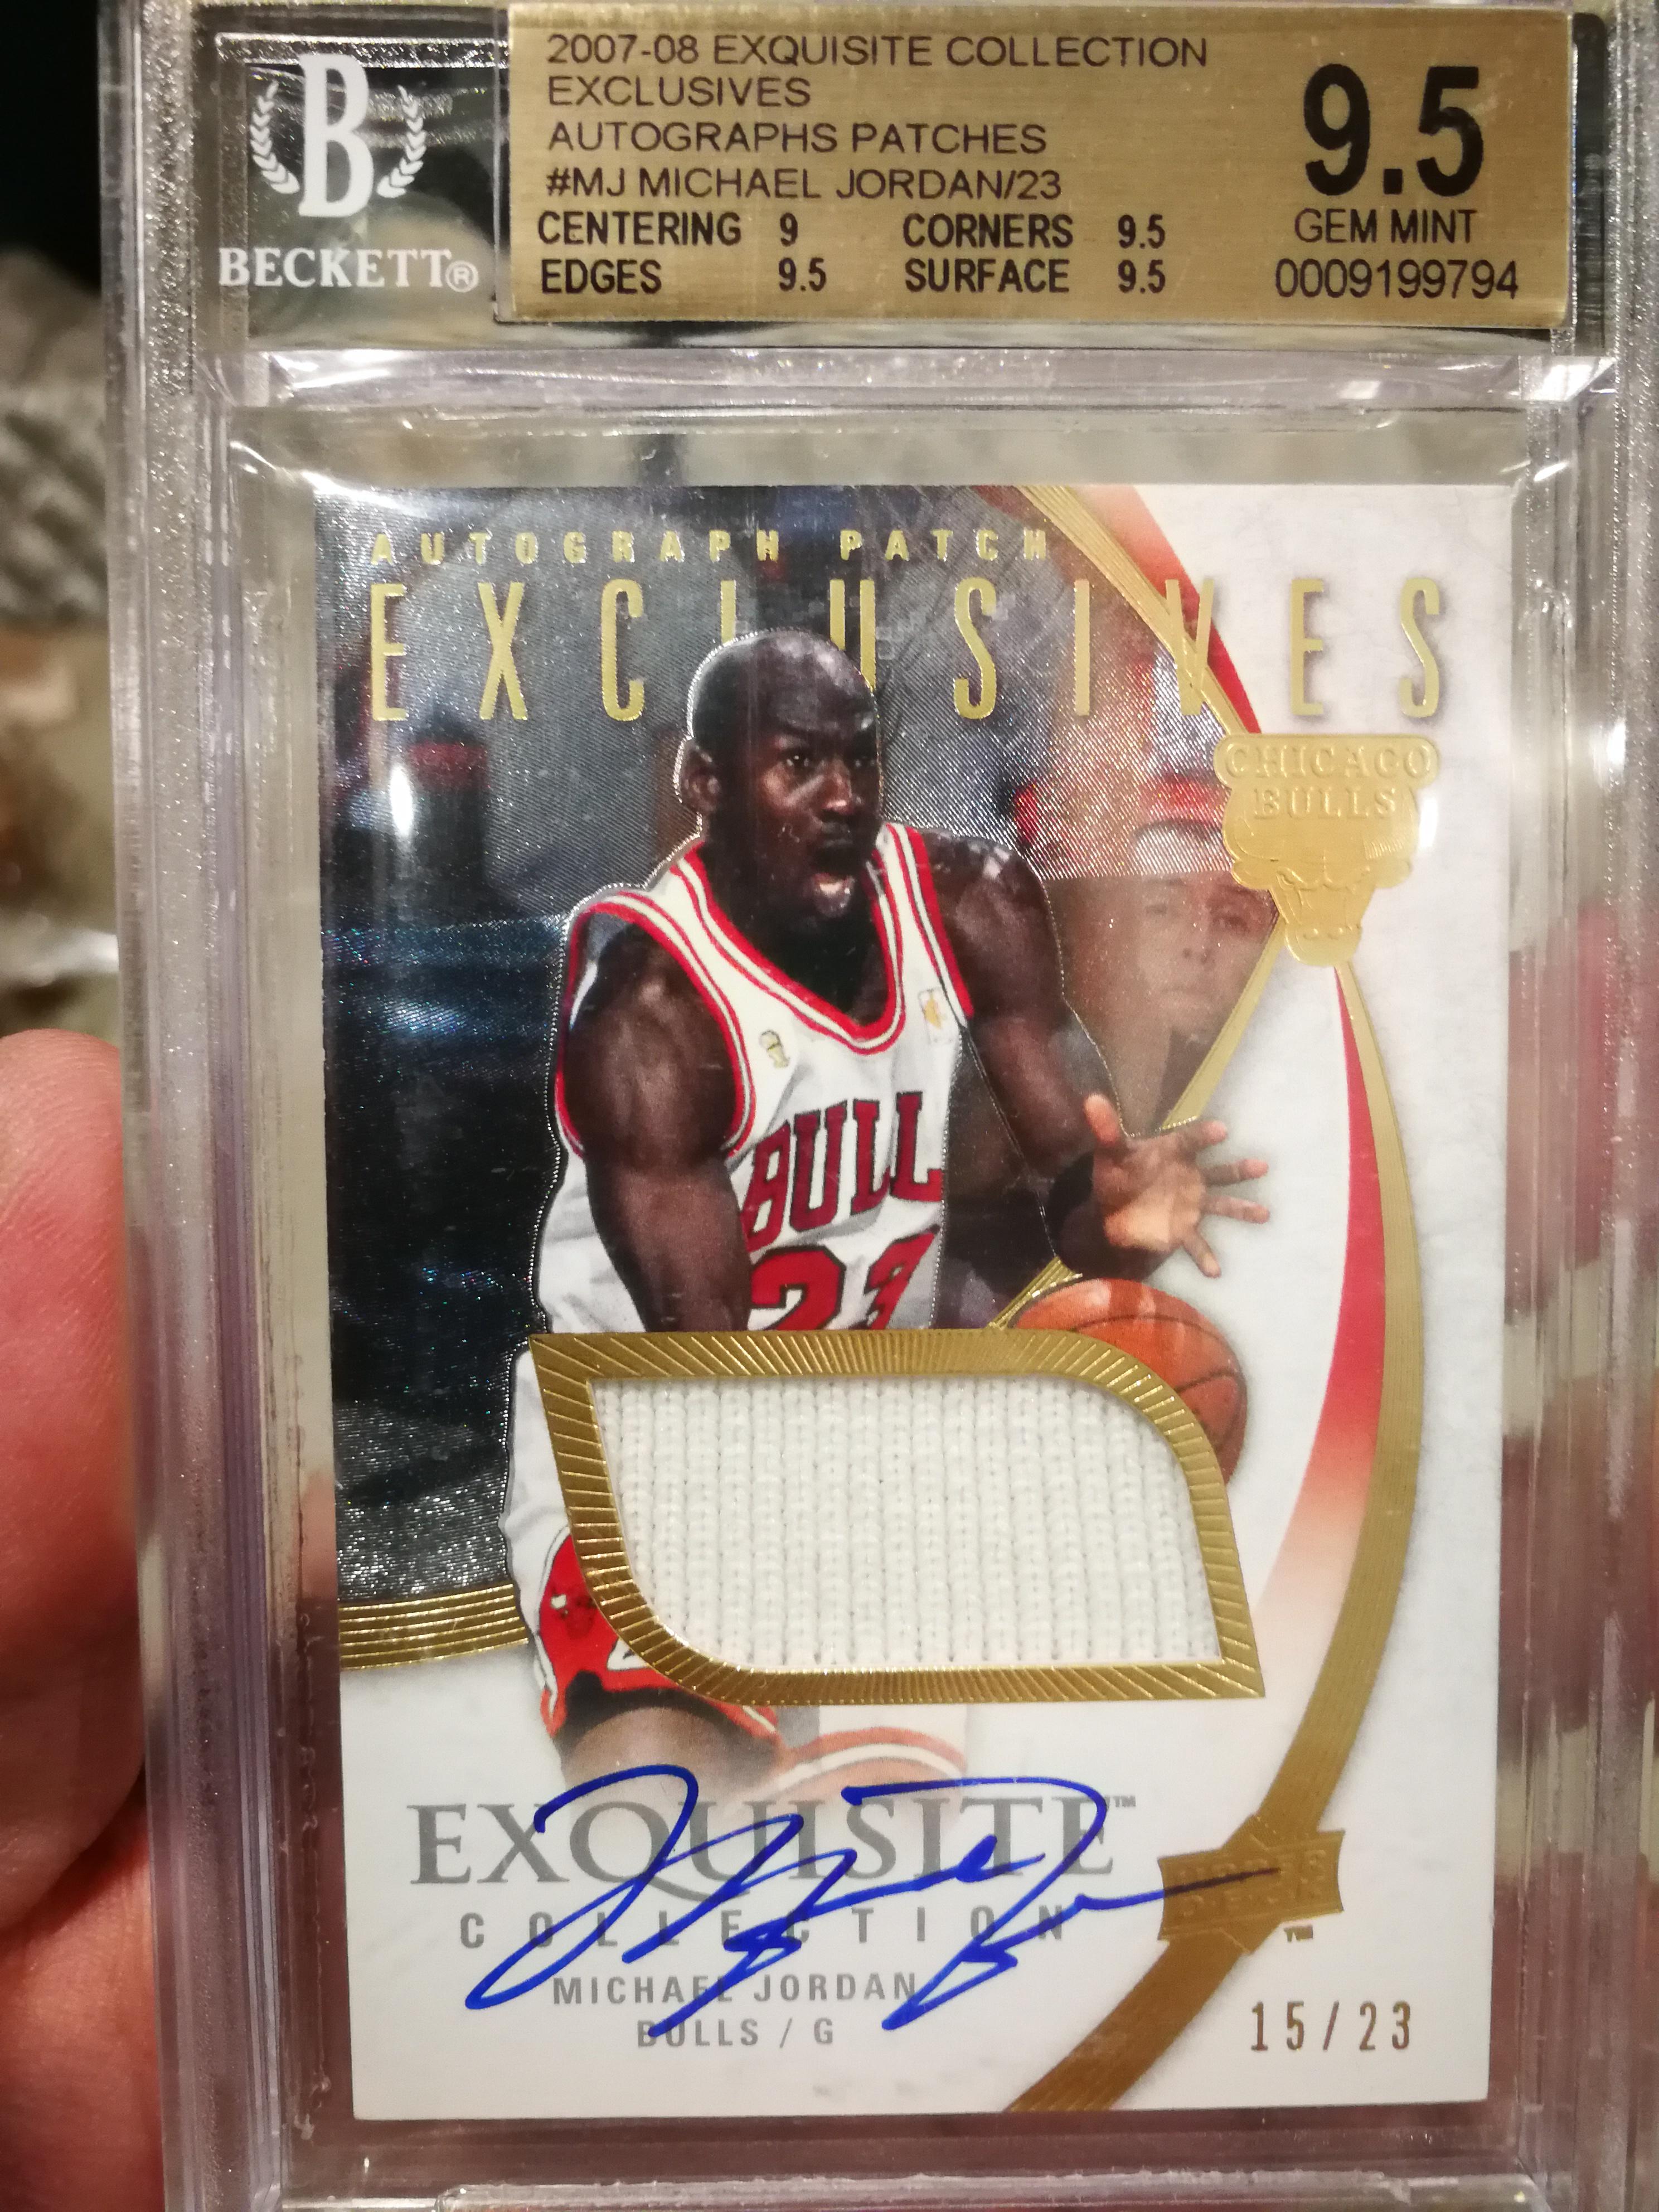 邁克爾喬丹 Michael Jordan MJ 喬幫主木盒,金標,簽字 公牛球衣 卡簽